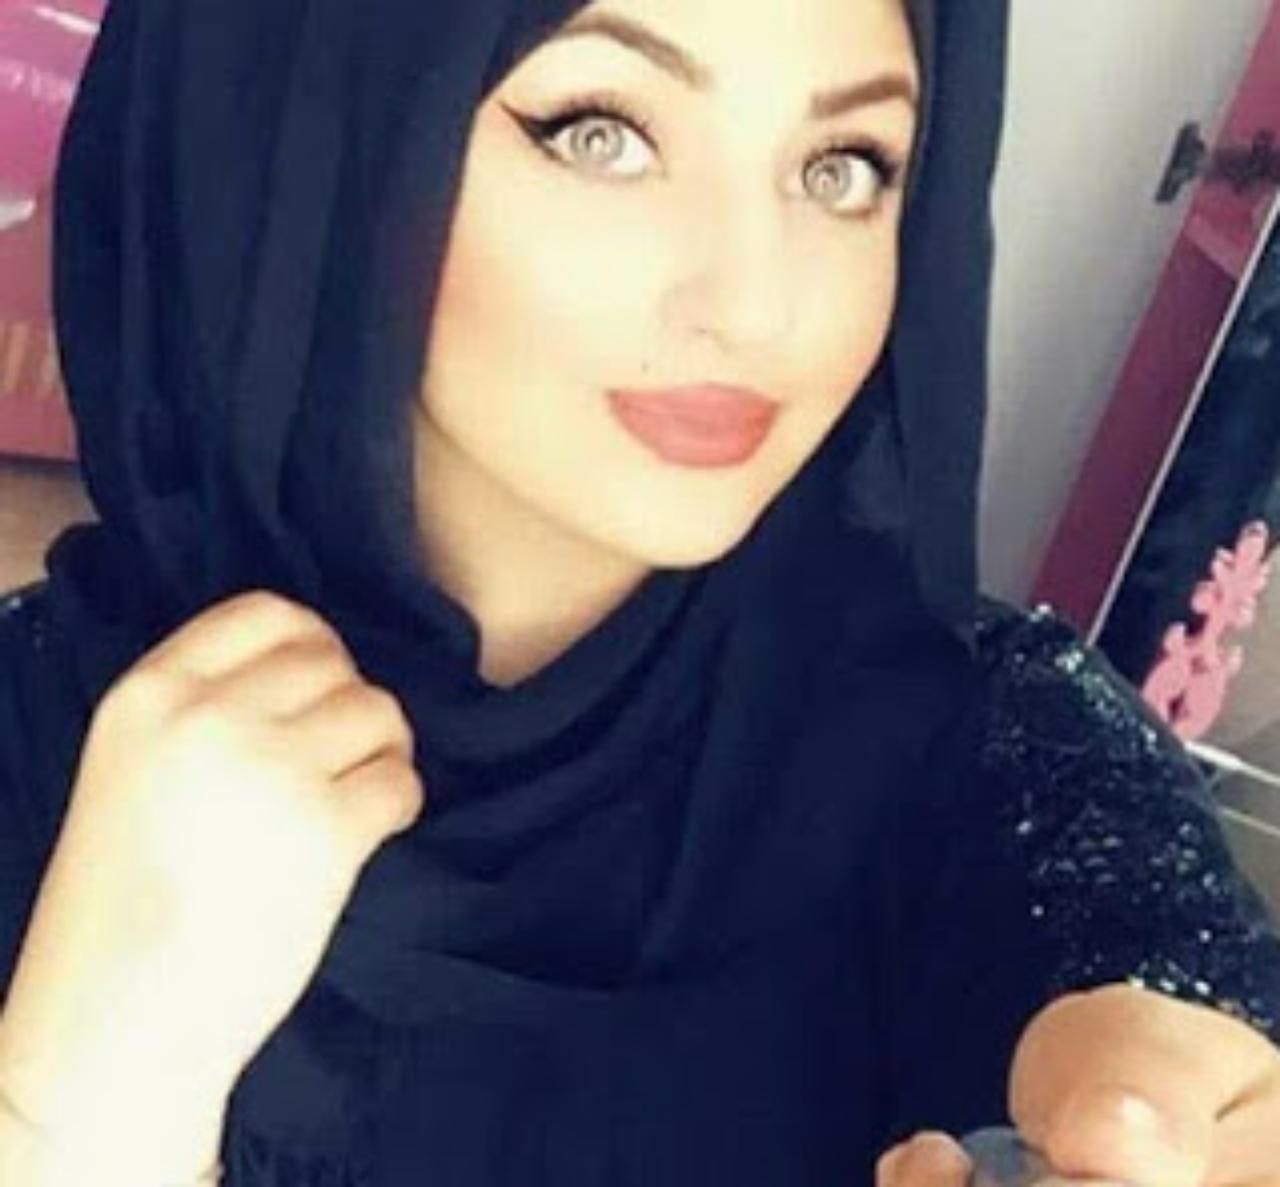 ارقام بنات السعودية جديدة واتس 2021 صور ارقام مزز واتس اب السعودية والخليج